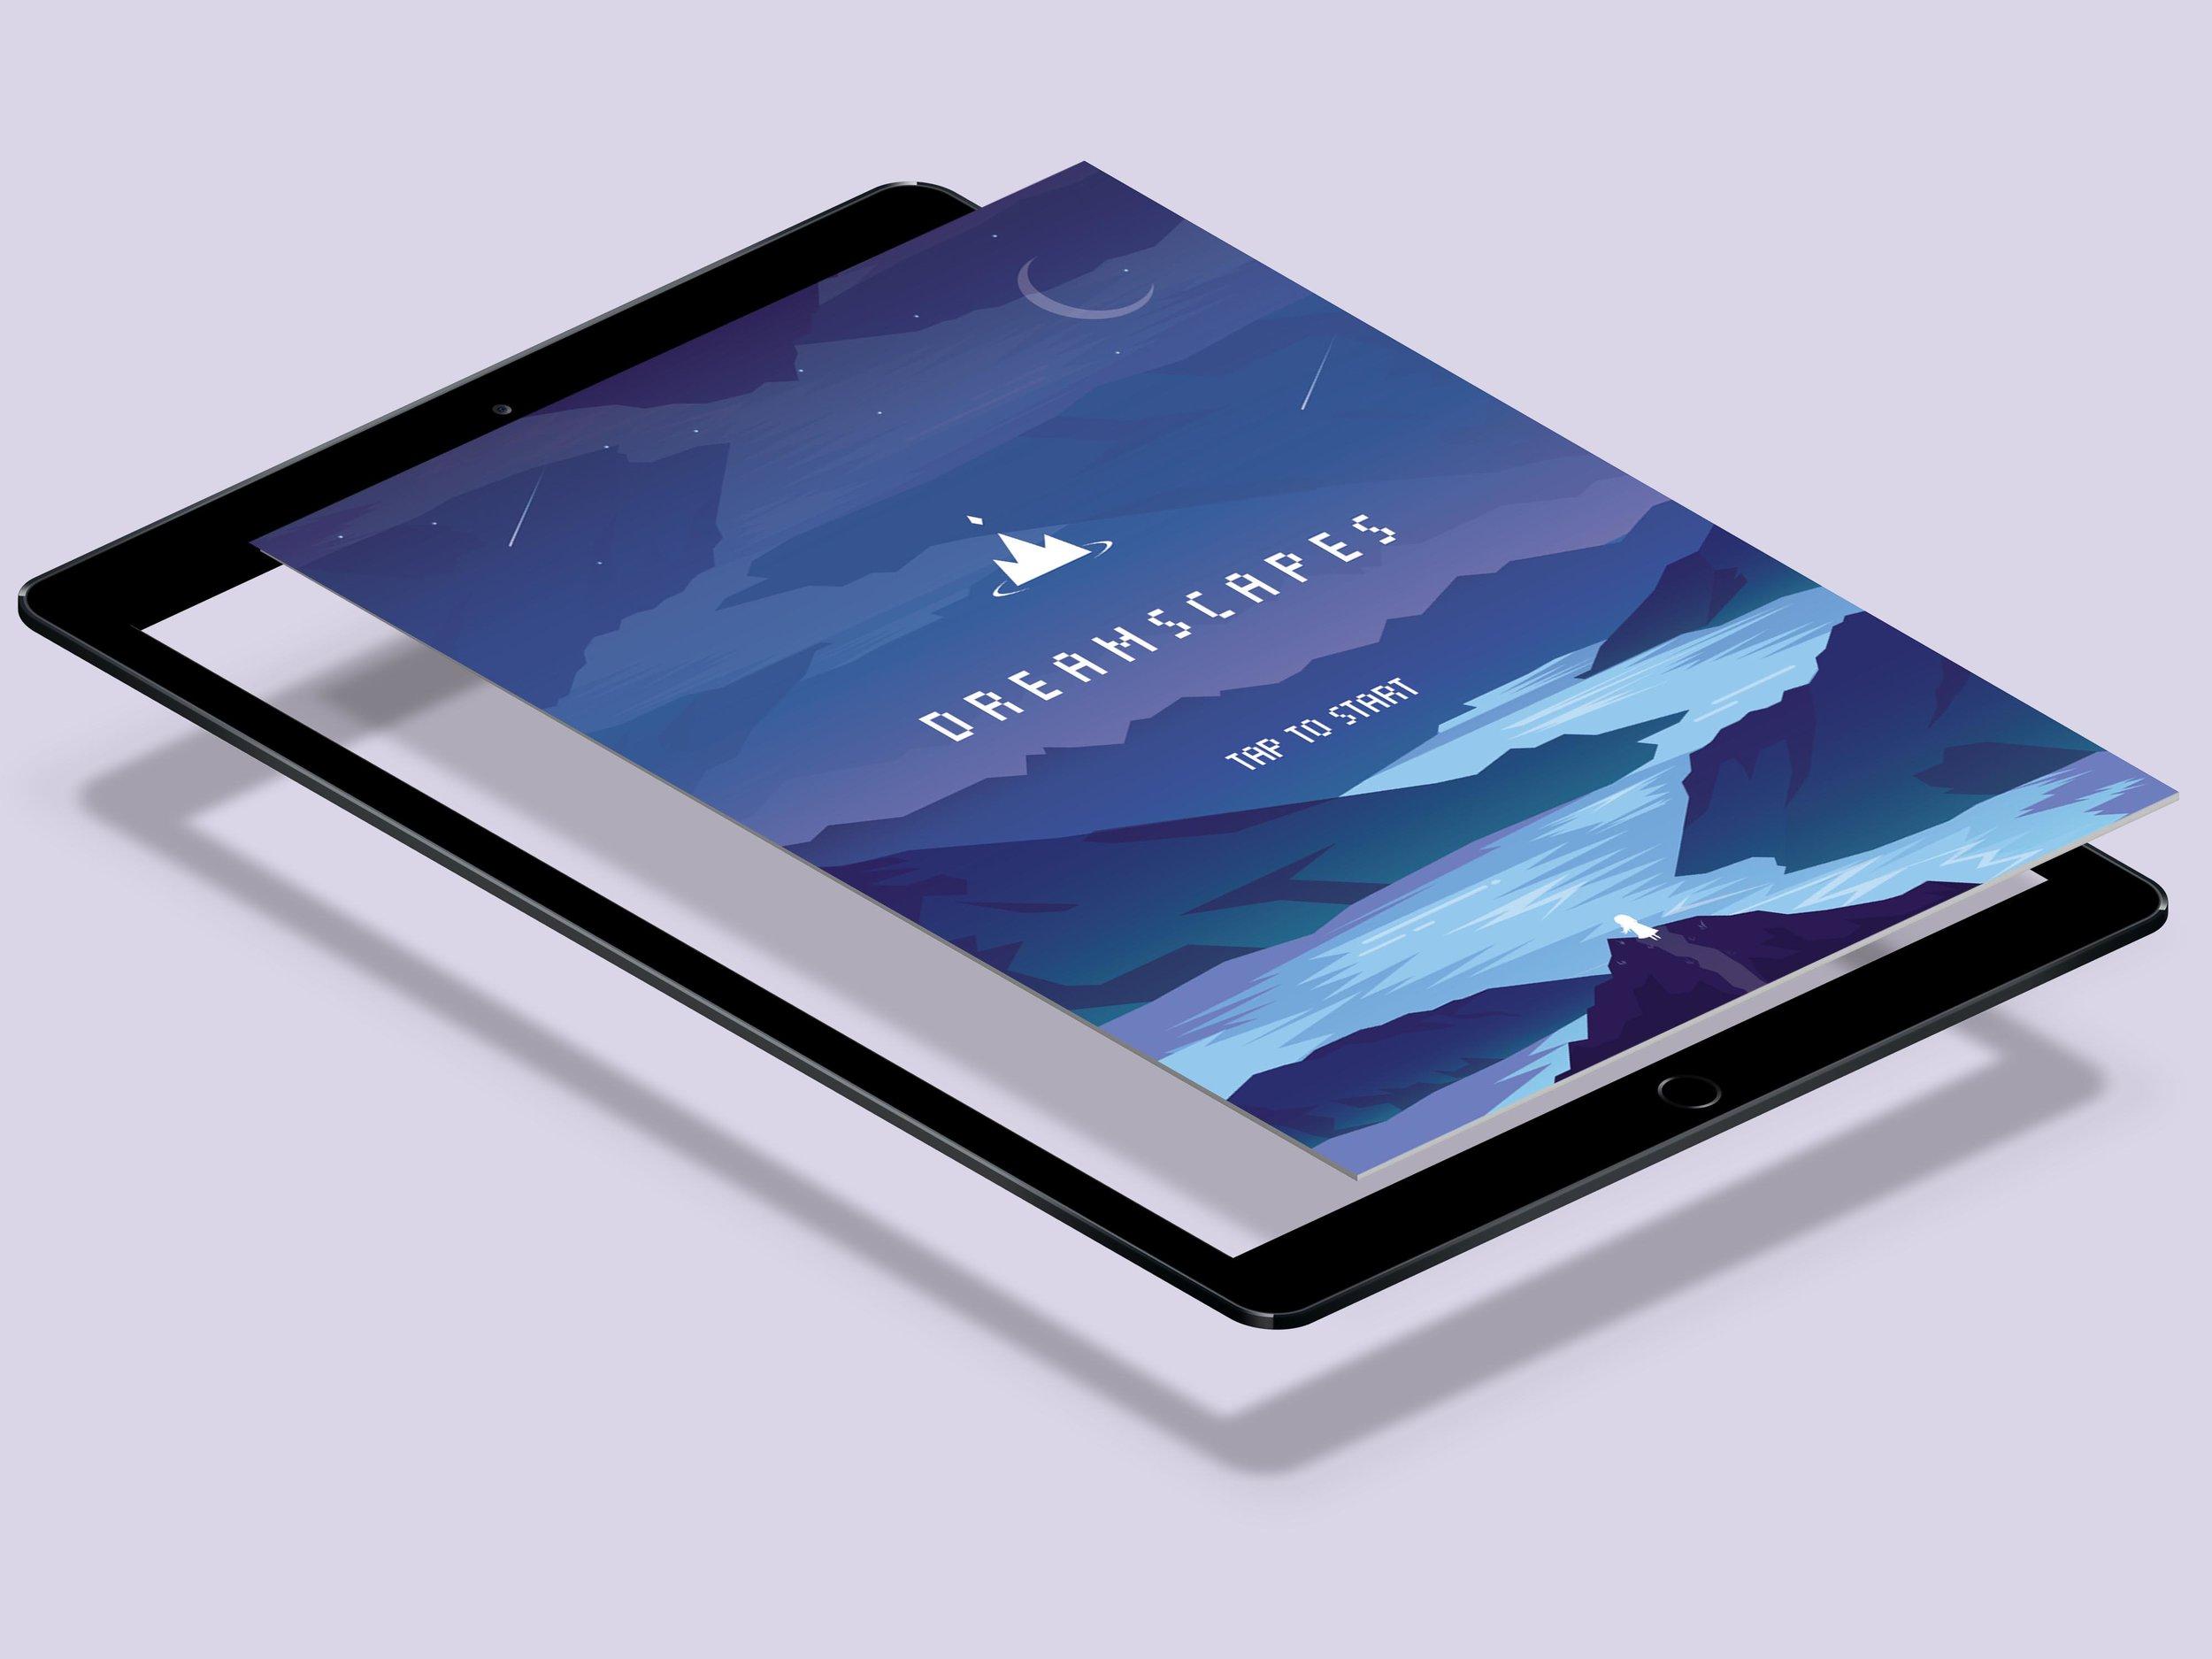 Dreamscapes iPad Pro Mockup.jpg